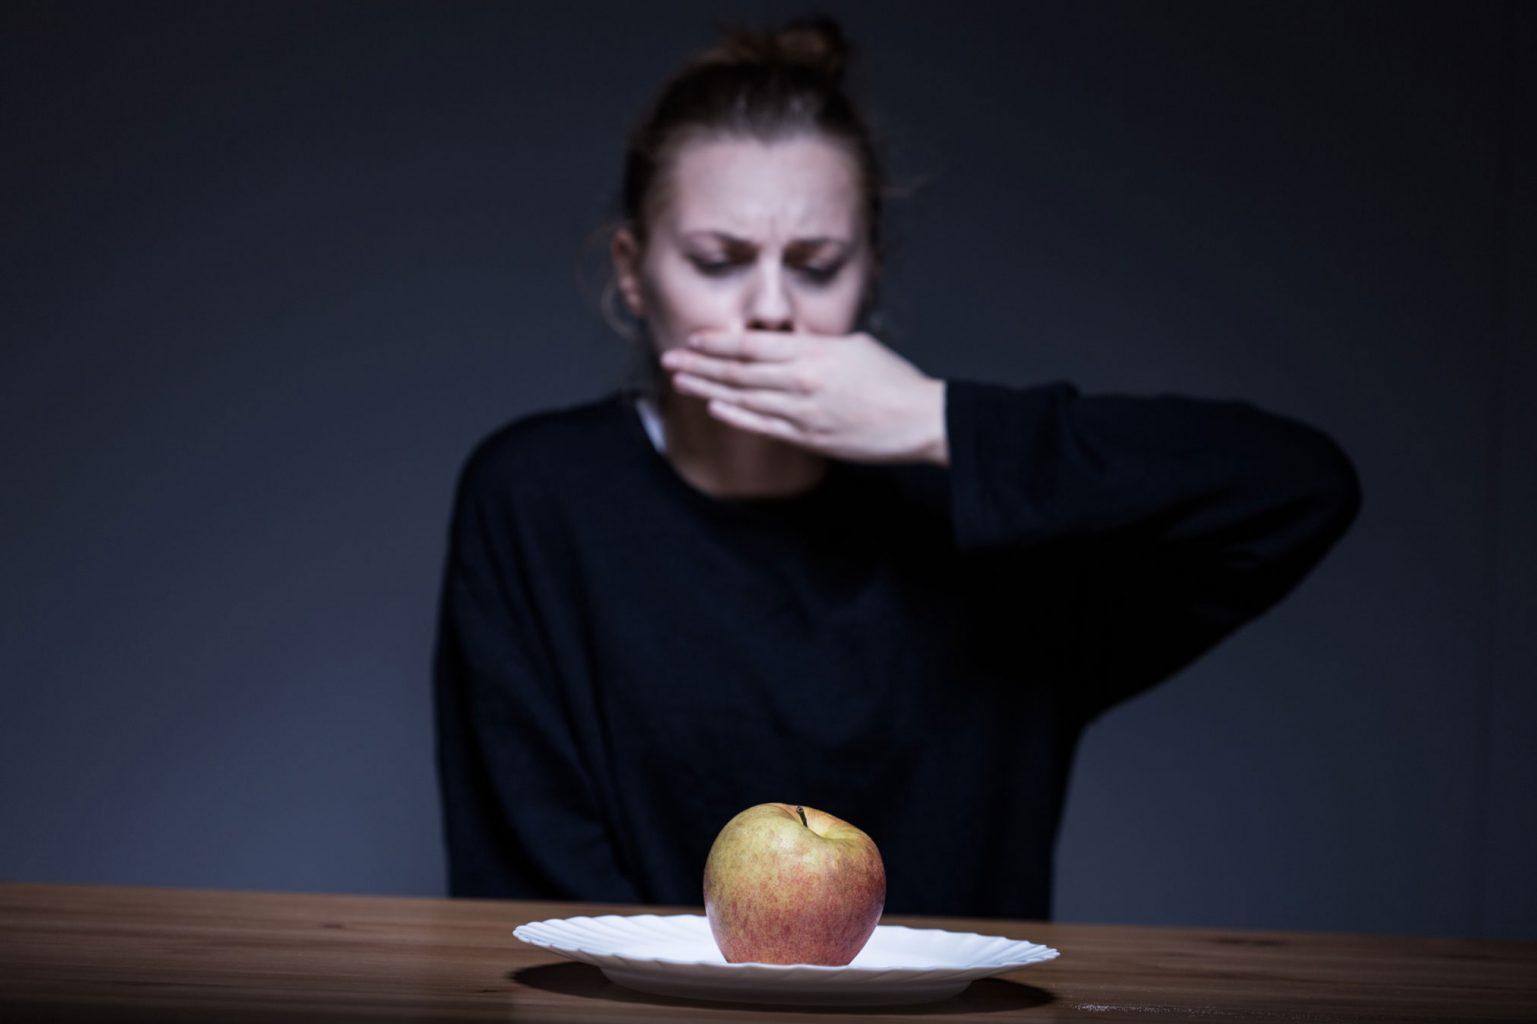 препараты для похудения анорексия